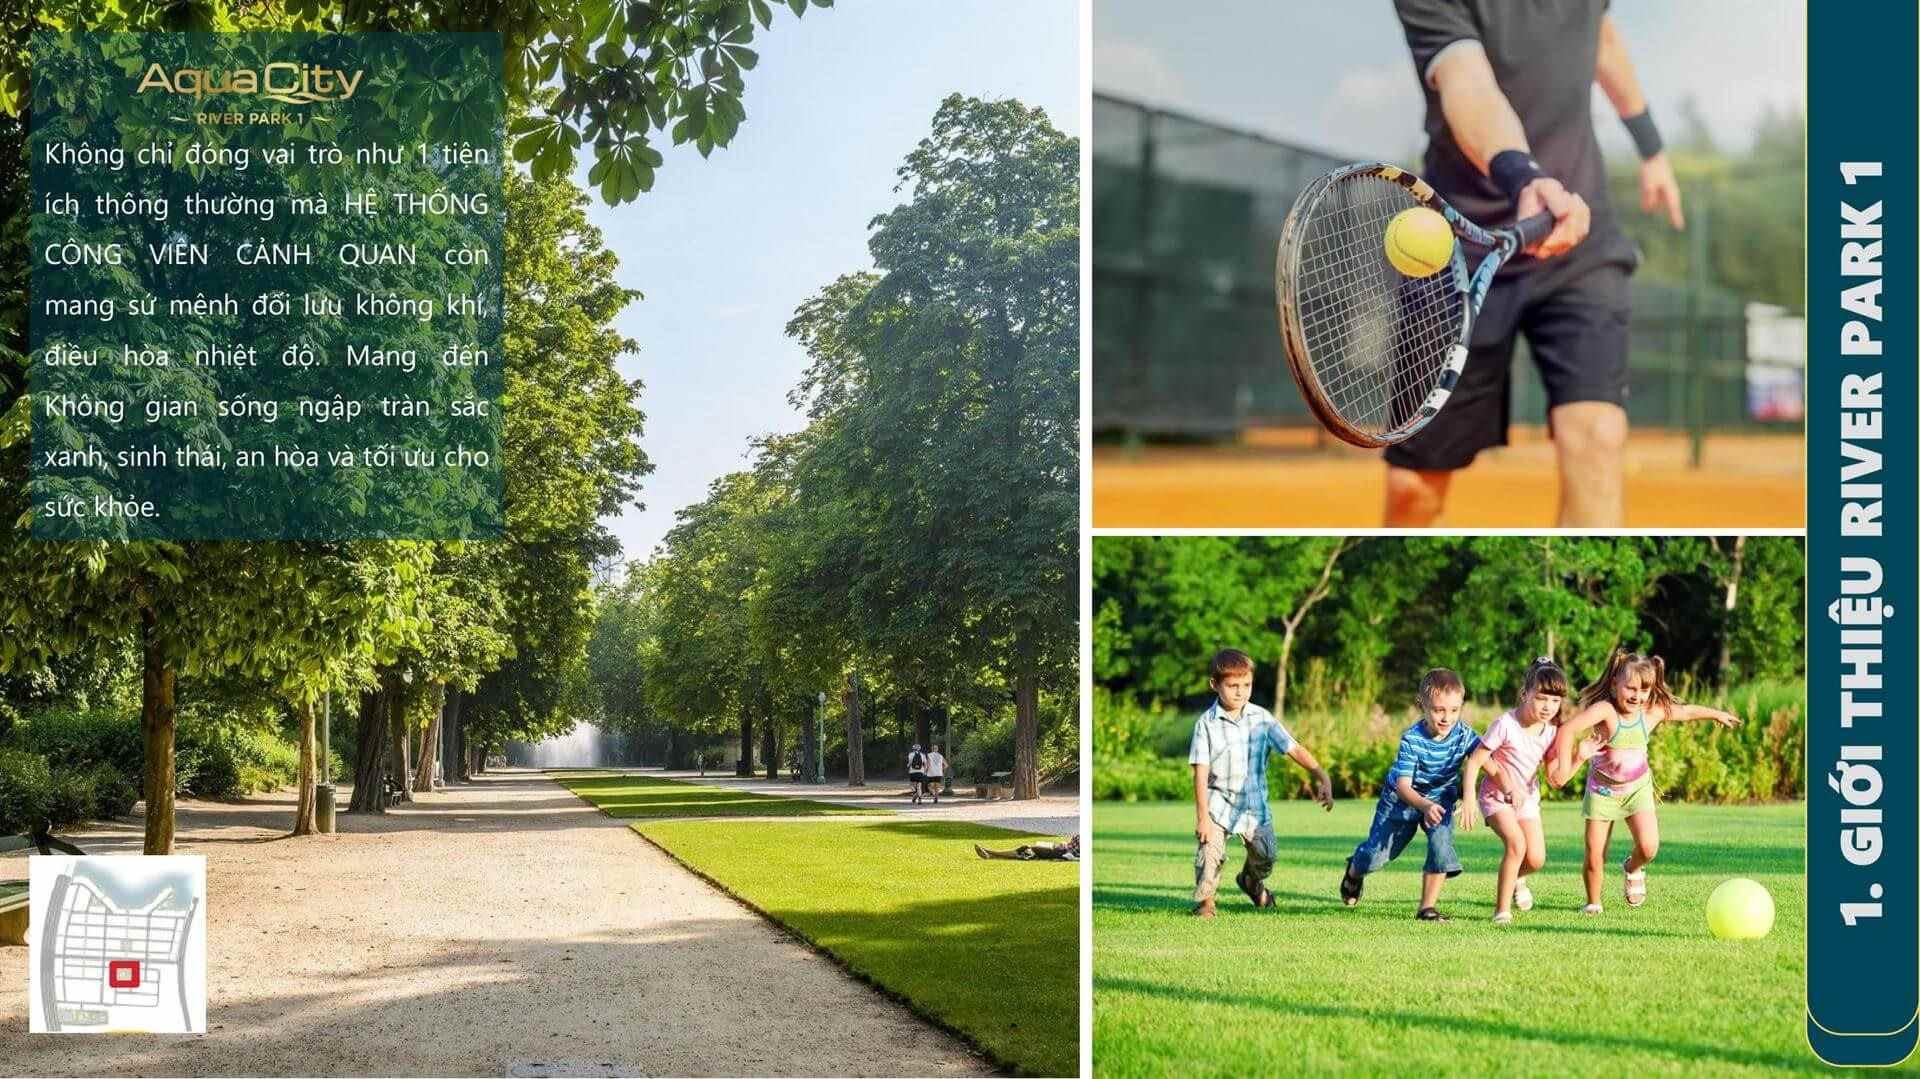 Khu thể dục thể thao, tennis, đá bóng